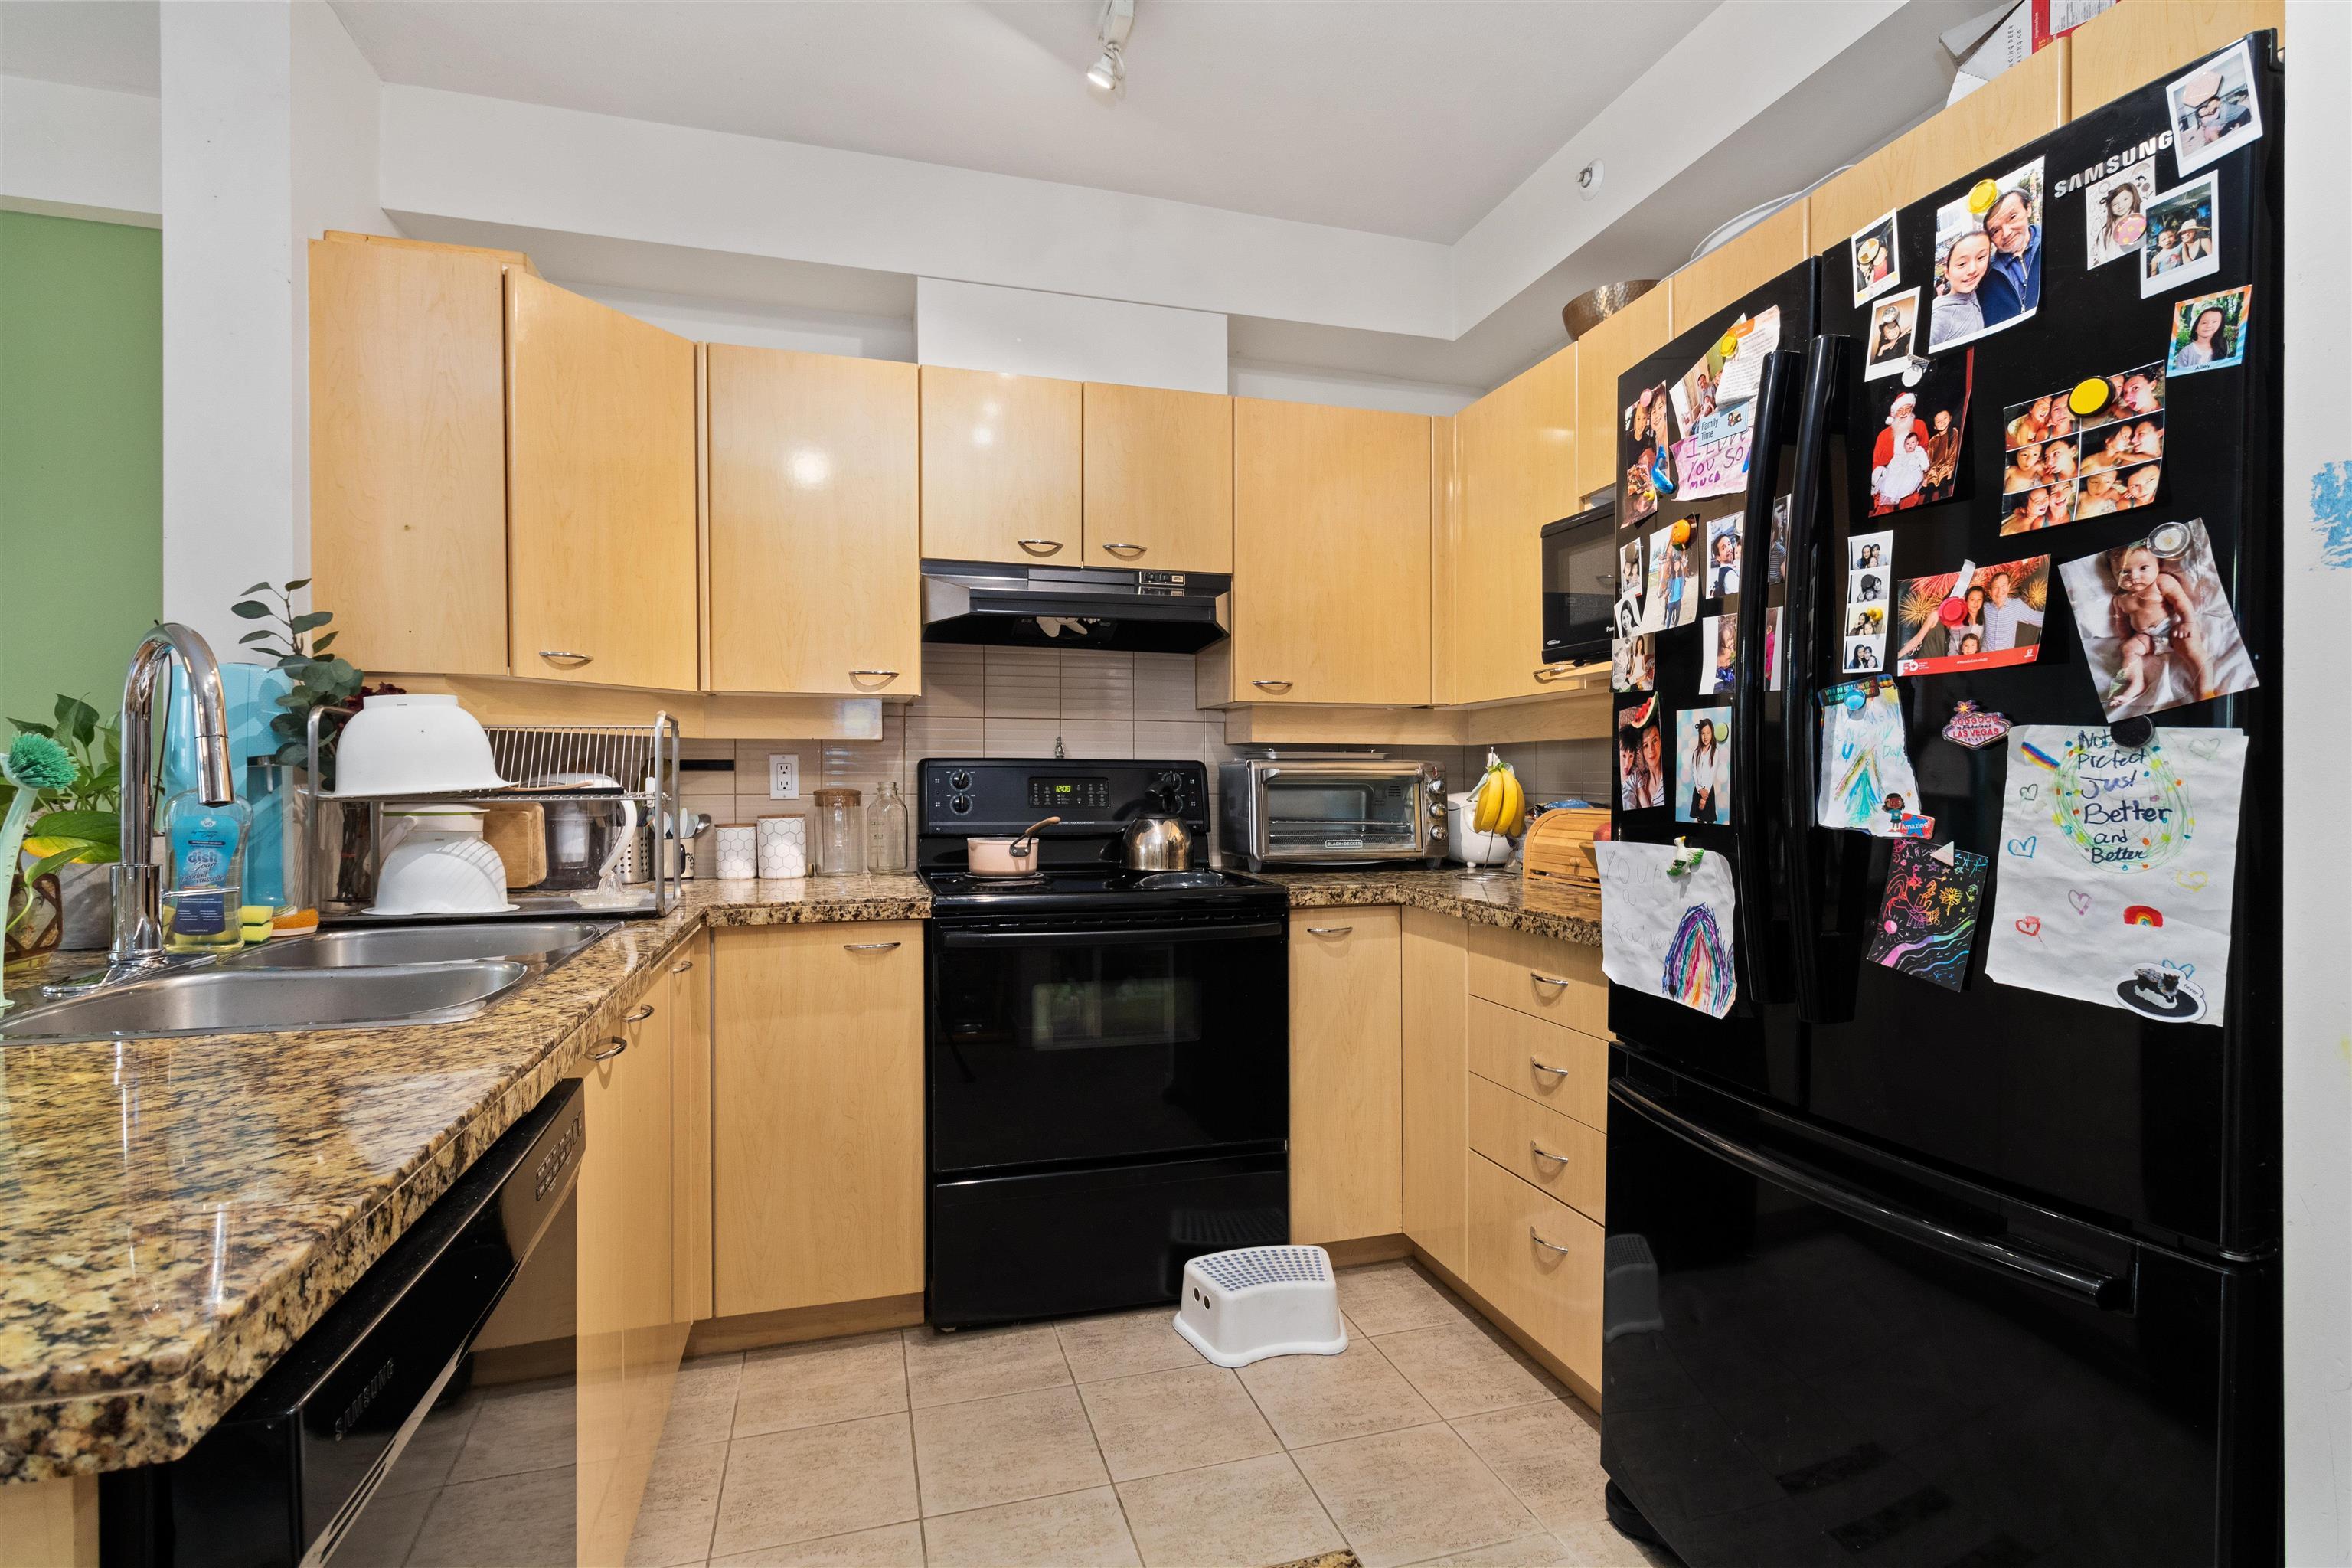 209 2228 MARSTRAND AVENUE - Kitsilano Apartment/Condo for sale, 1 Bedroom (R2617246) - #9